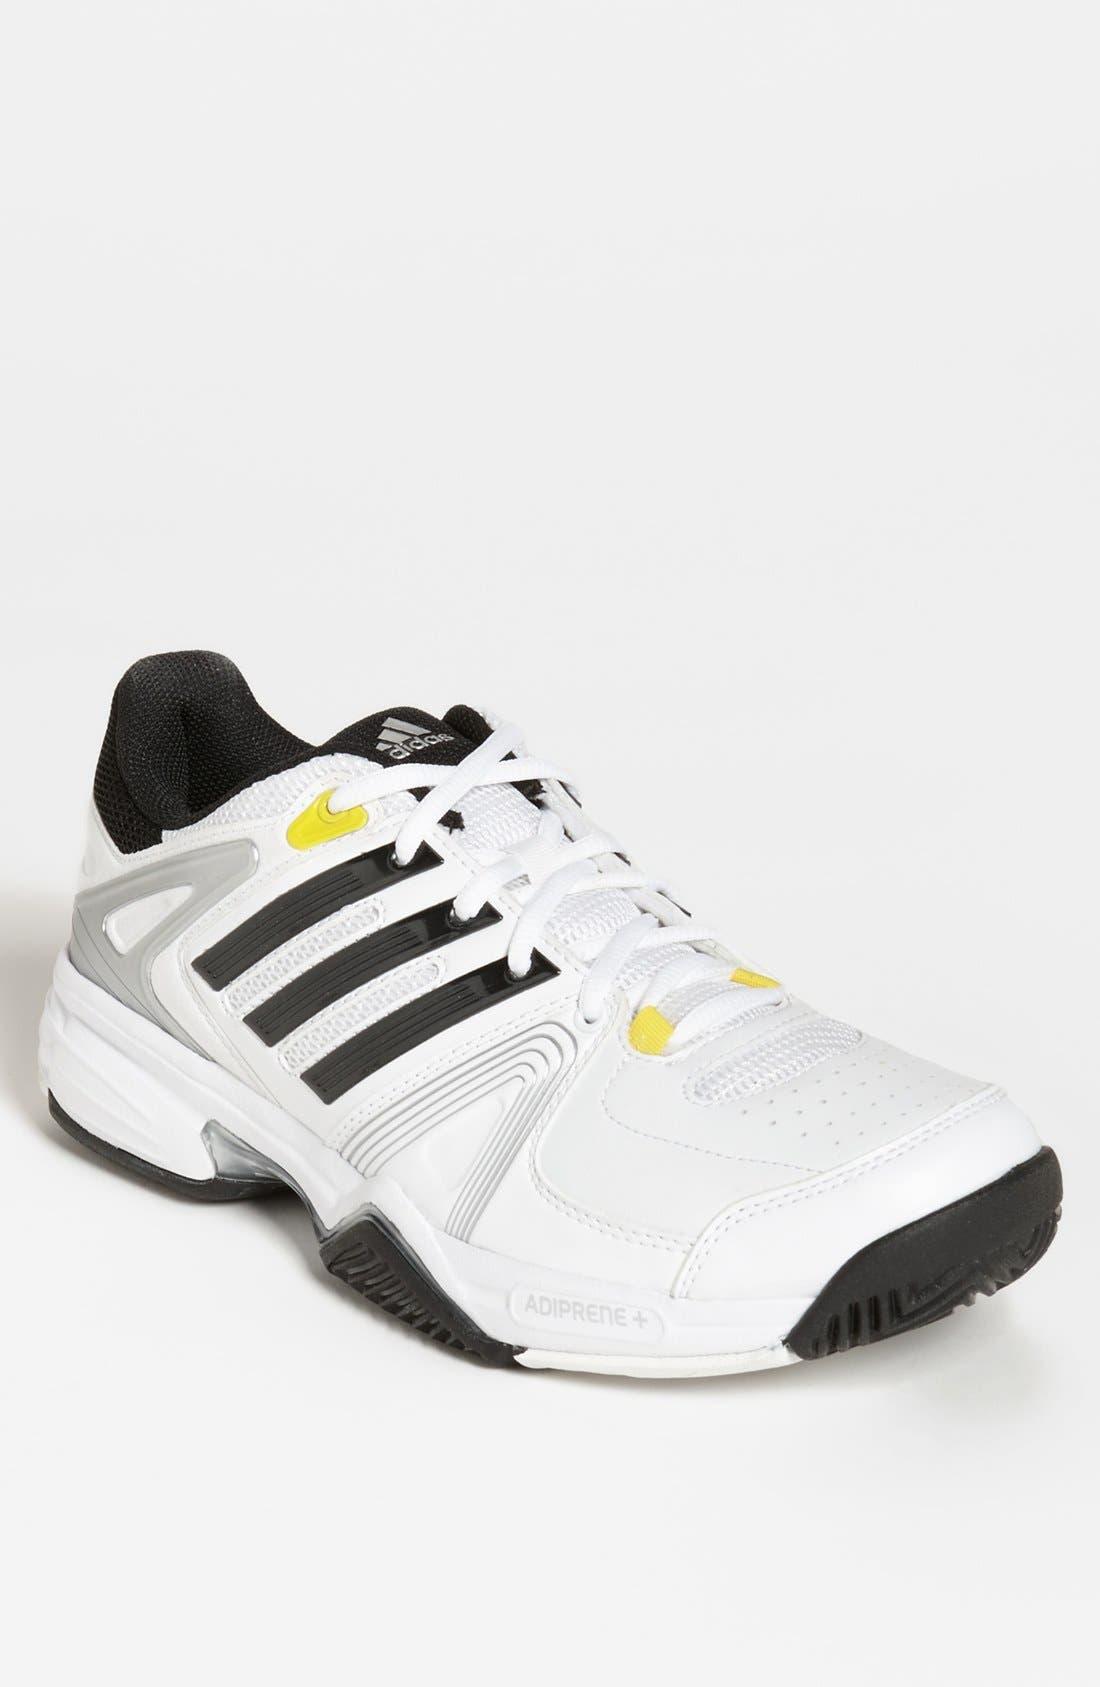 Alternate Image 1 Selected - adidas 'Response Essence' Tennis Shoe (Men)